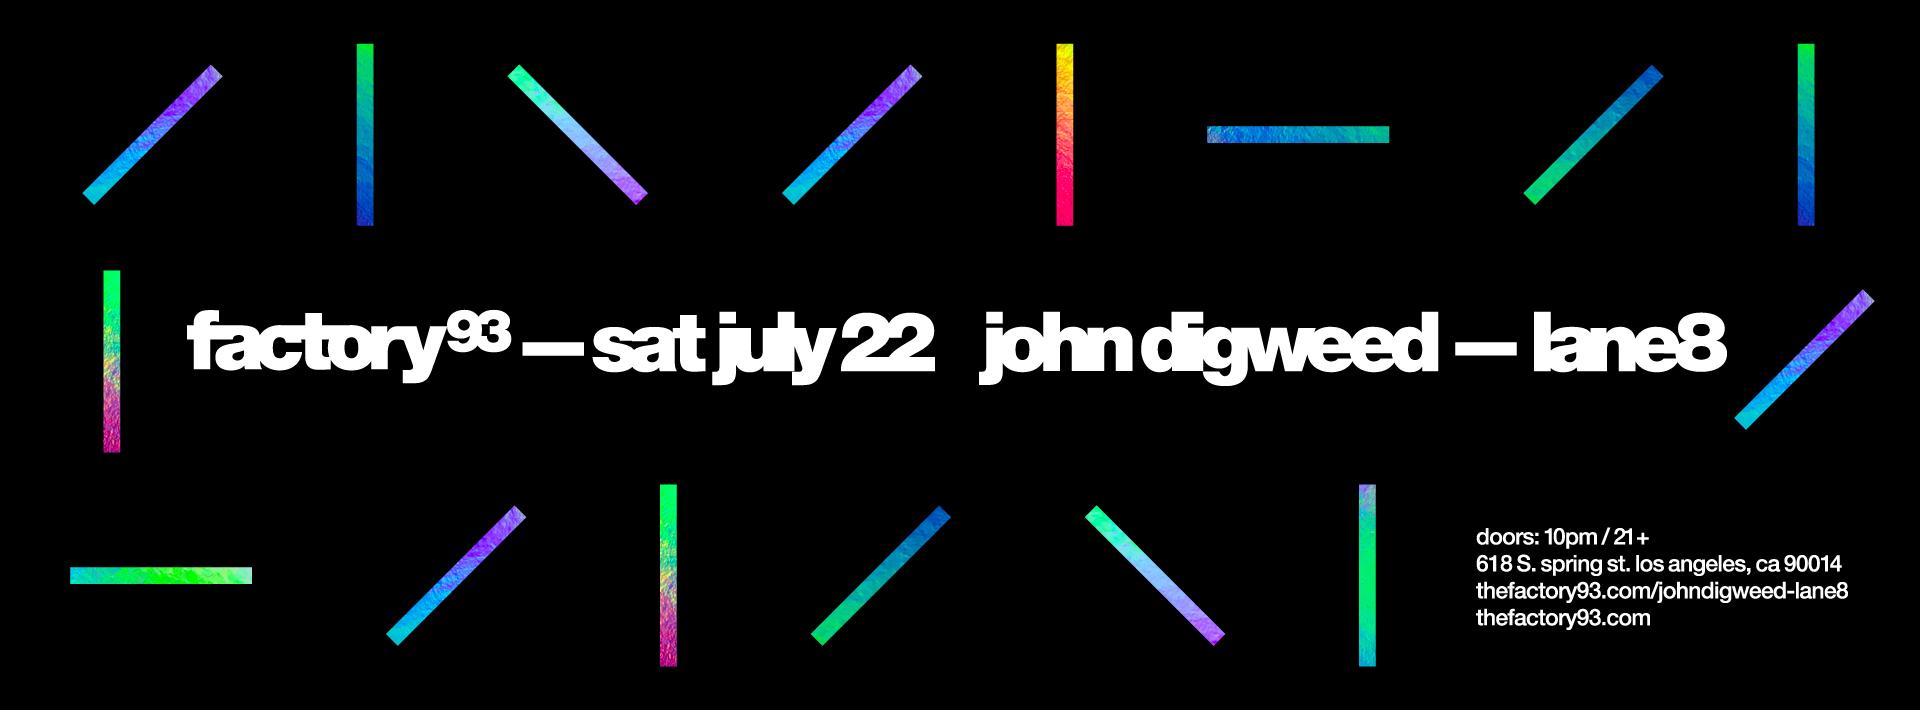 John Digweed & Lane 8